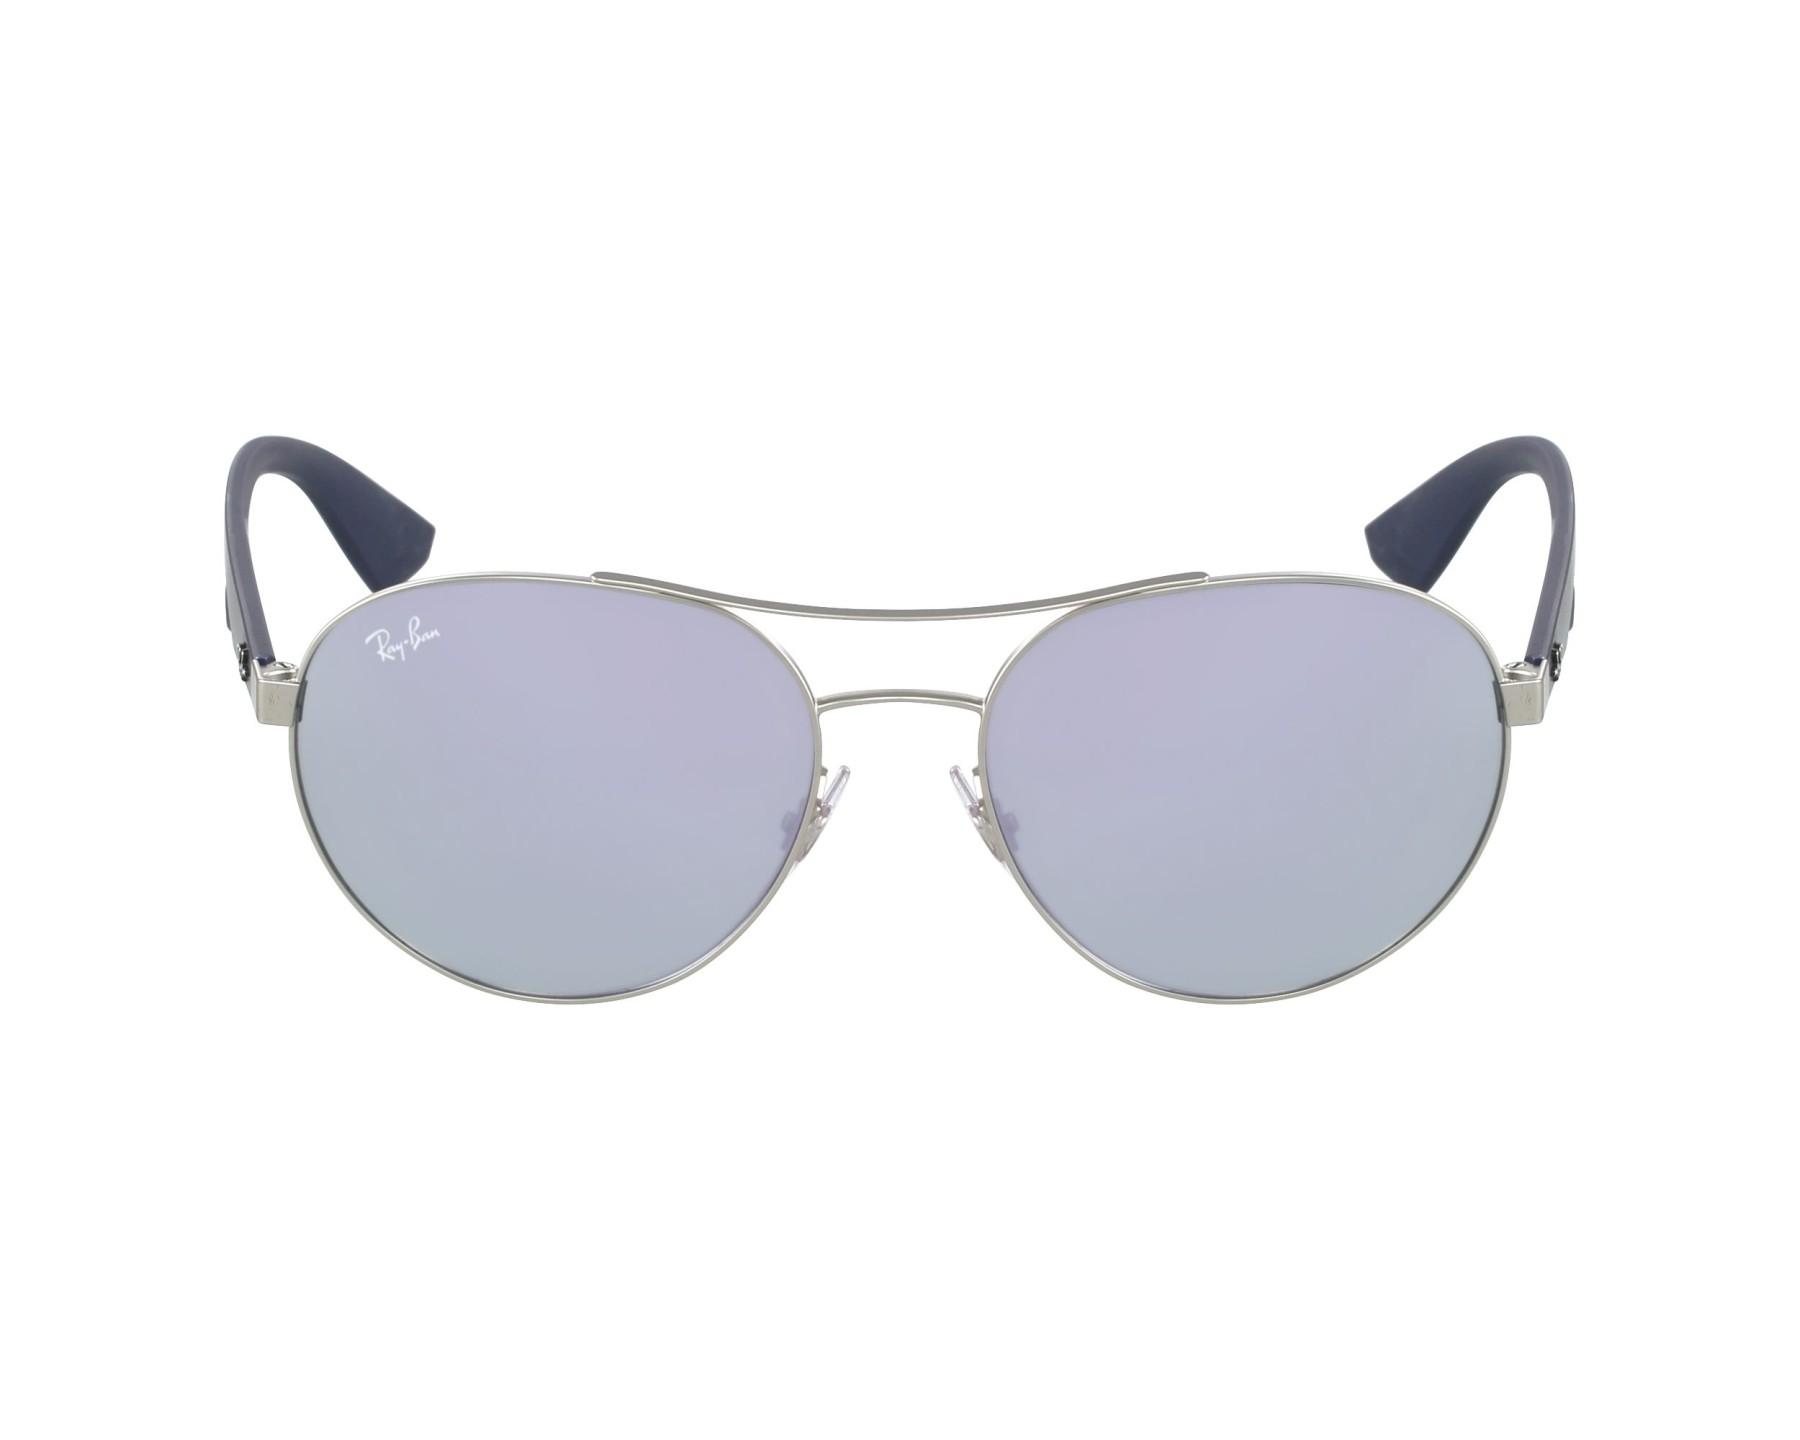 57da2207f87 Sunglasses Ray-Ban RB-3536 019 4V 55-18 Silver Blue profile